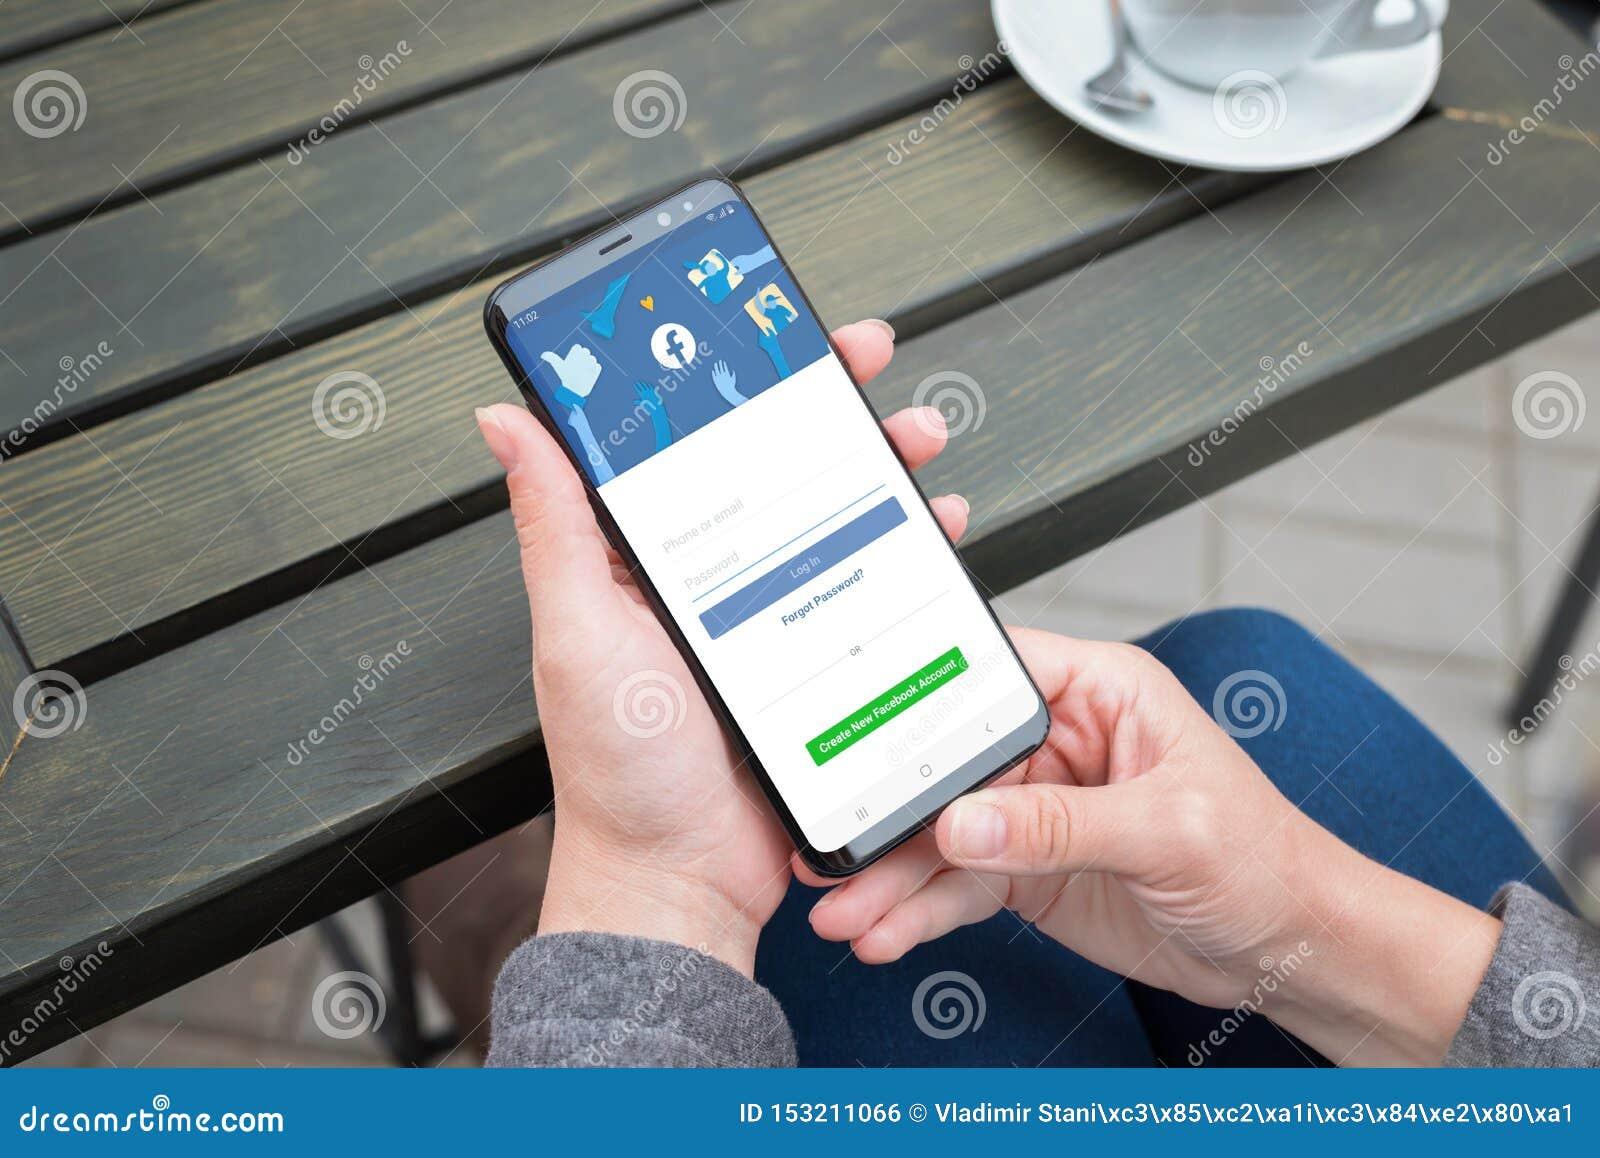 Smartphone del Samsung Galaxy del uso de la mujer a abrirse una sesión en la cuenta social de la red de Facebook